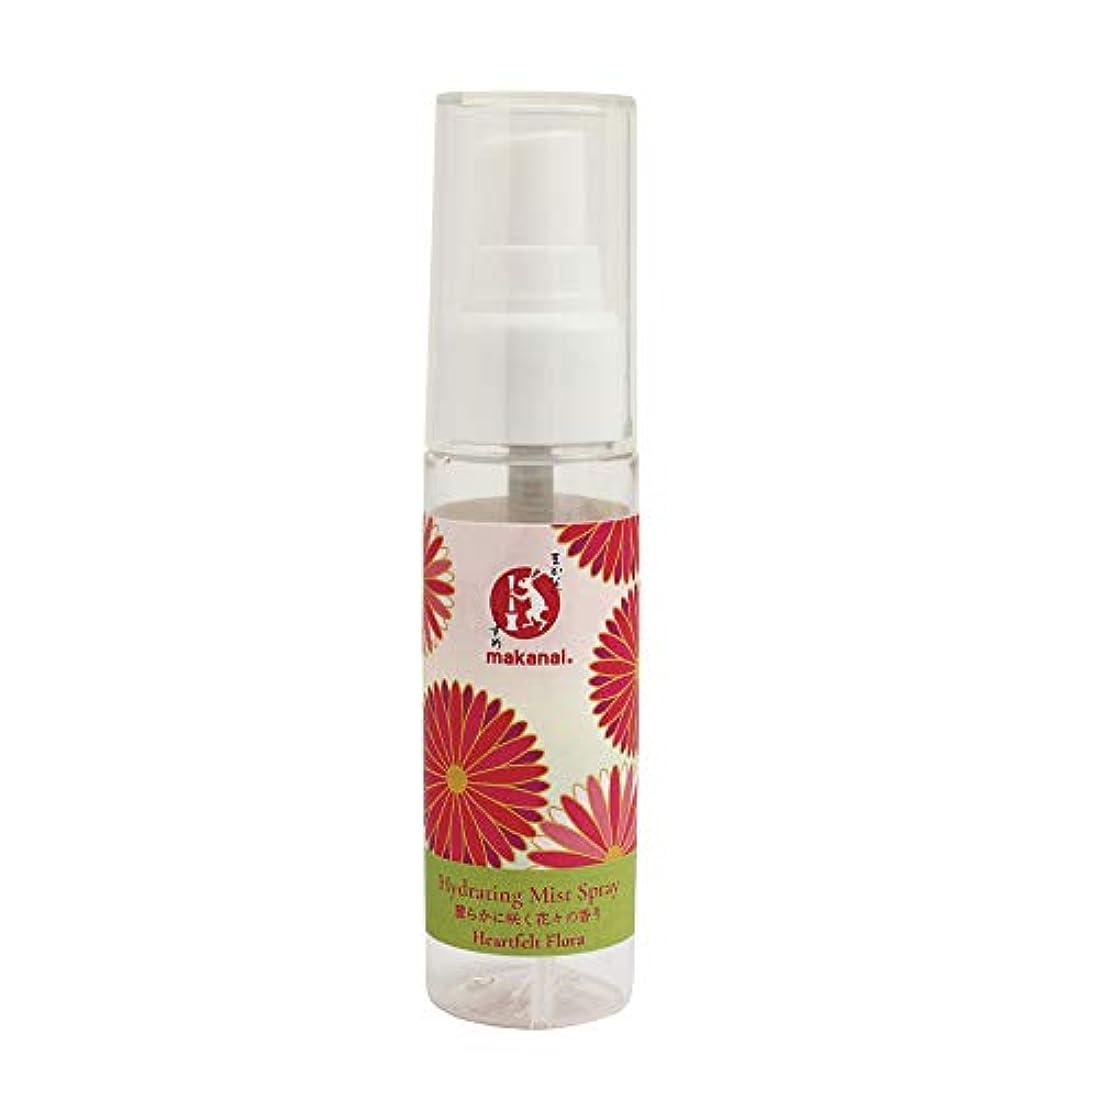 知覚シャベルクラシカルまかないこすめ もっとうるおいたい日の保湿スプレー(麗らかに咲く花々の香り) 50ml